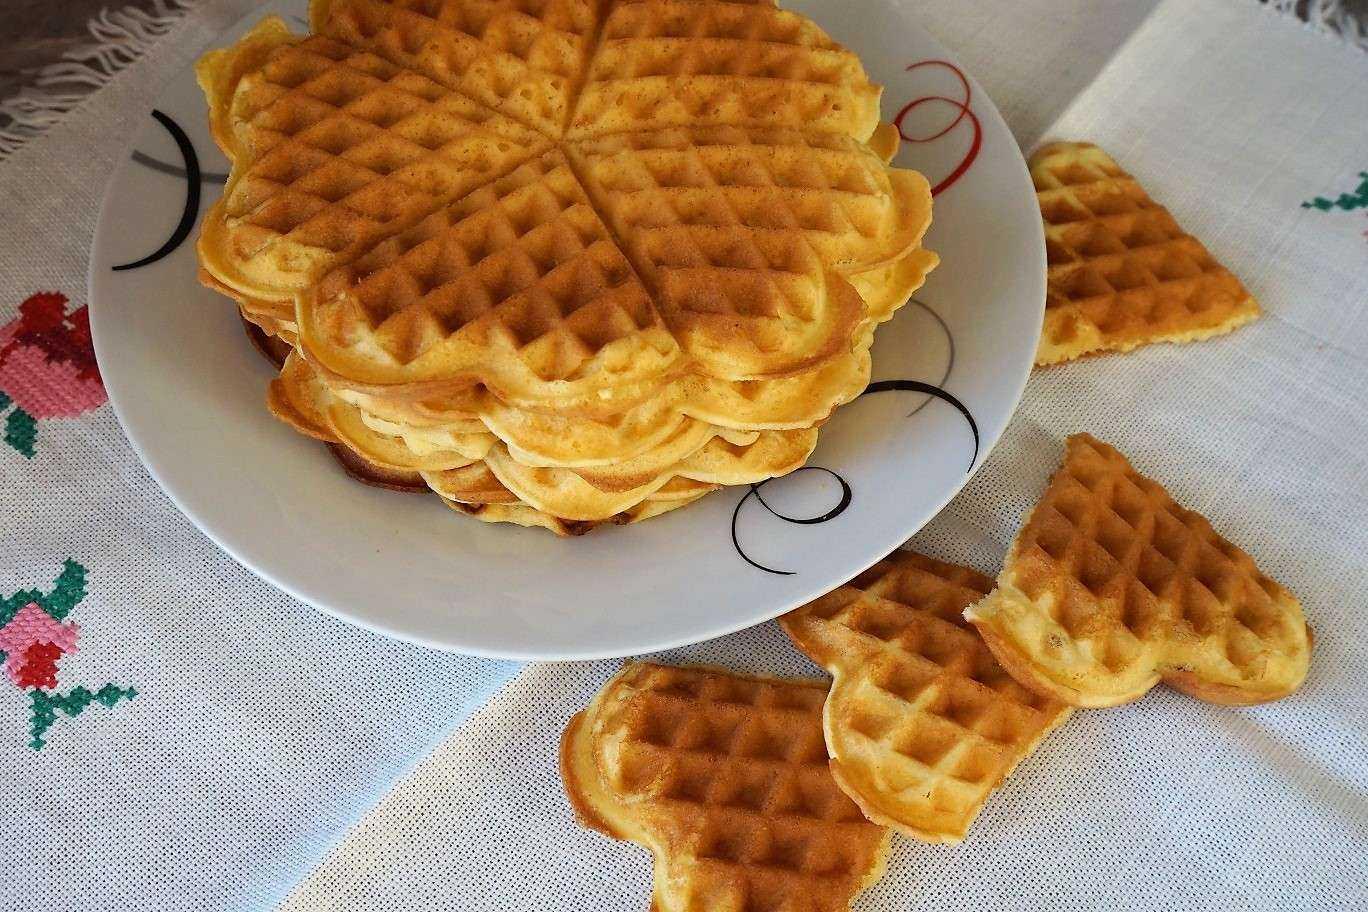 Полезный завтрак: польза, вред отсутствия, рецепты блюд, что можно есть и исключить